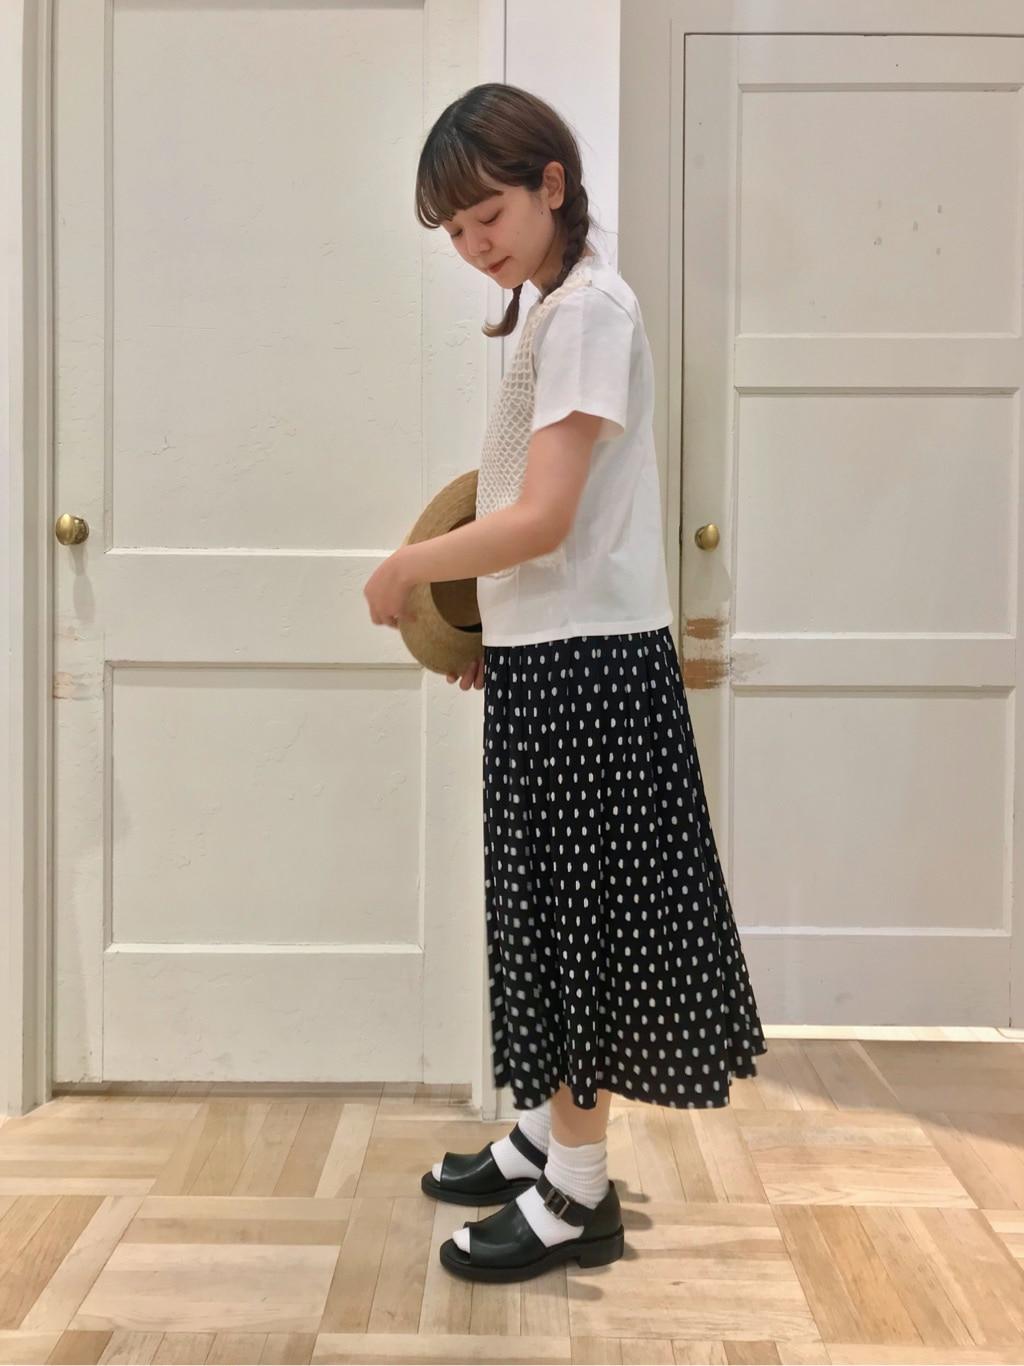 l'atelier du savon 東京スカイツリータウン・ソラマチ 身長:154cm 2021.04.06